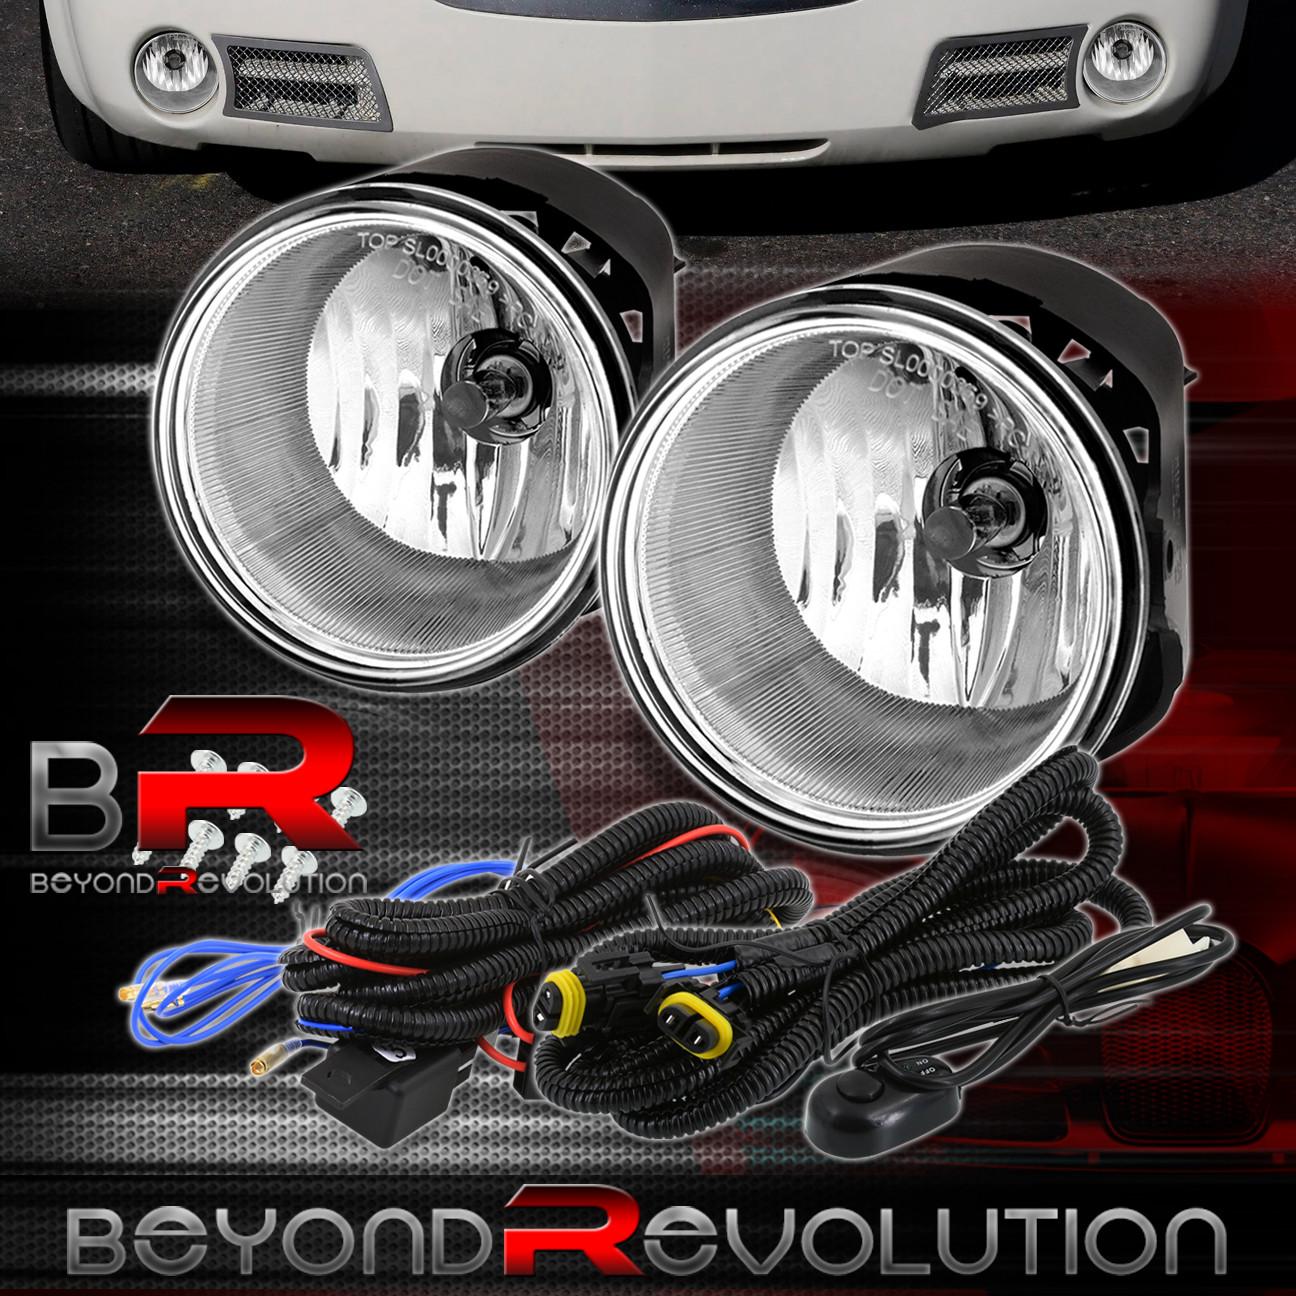 2006 Chrysler 300 Battery Wiring: 2005-2010 CHRYSLER 300C 2006 300 FRONT DRIVING CLEAR FOG